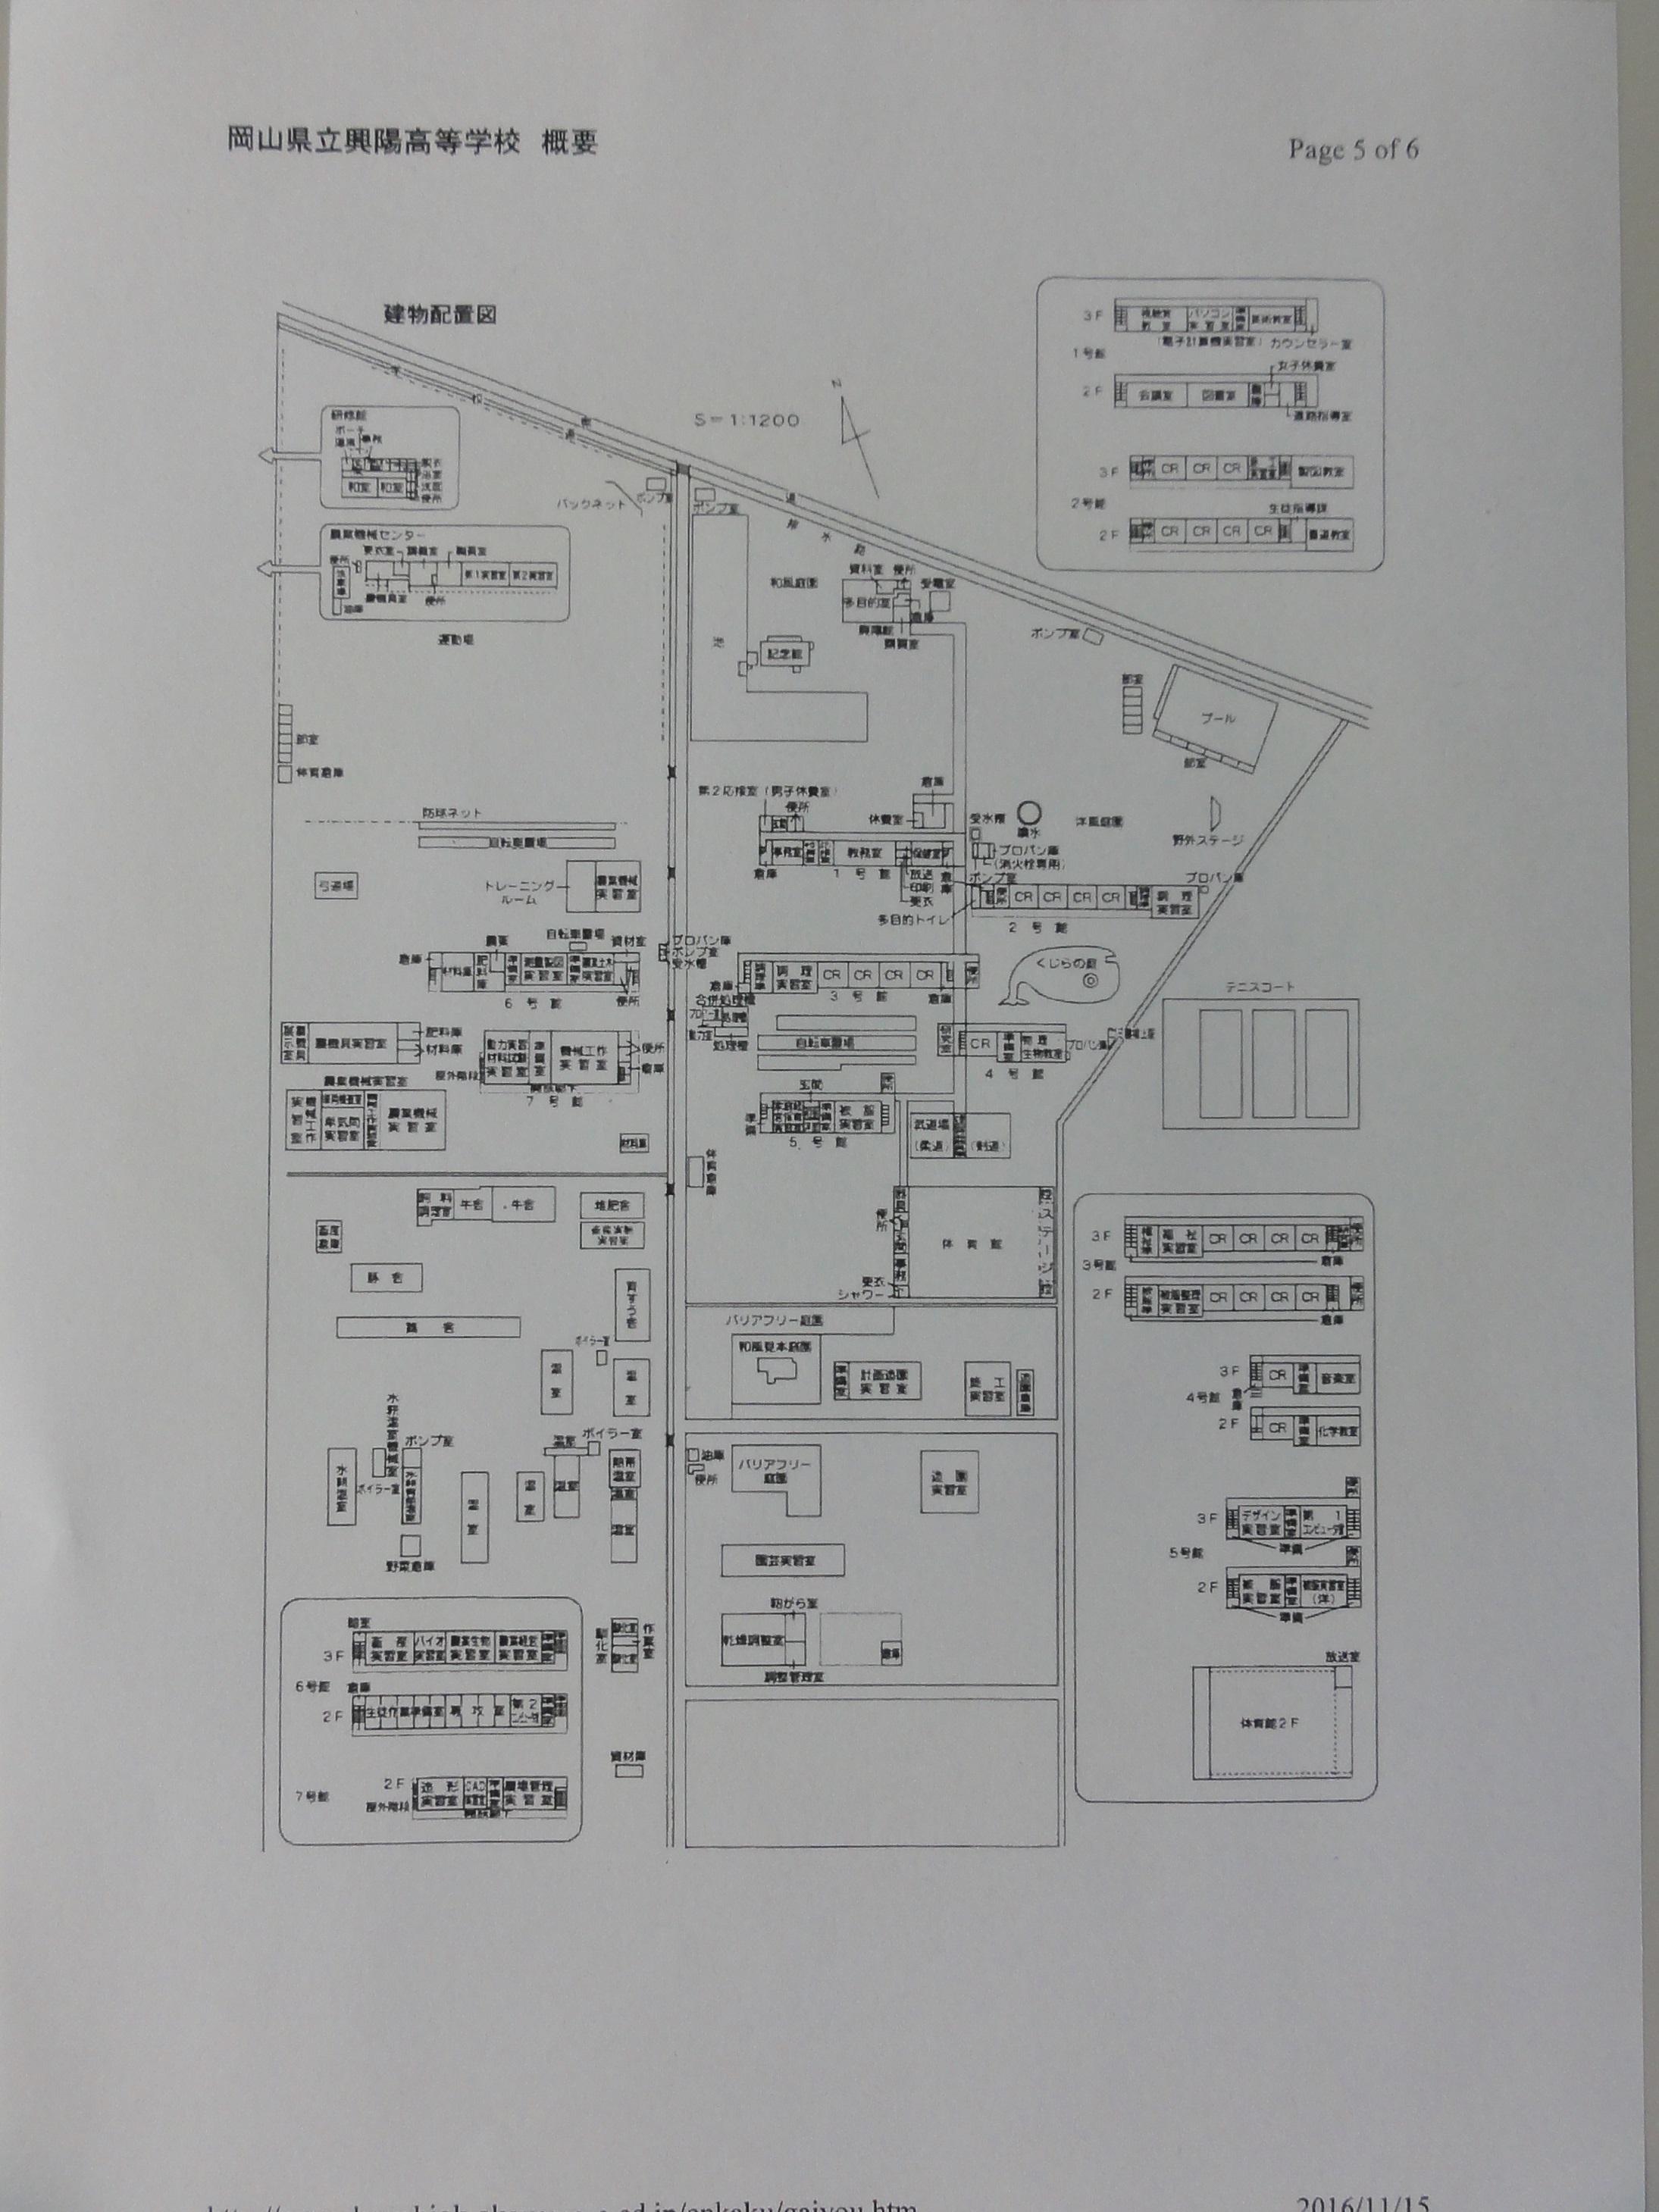 興陽高校配置図